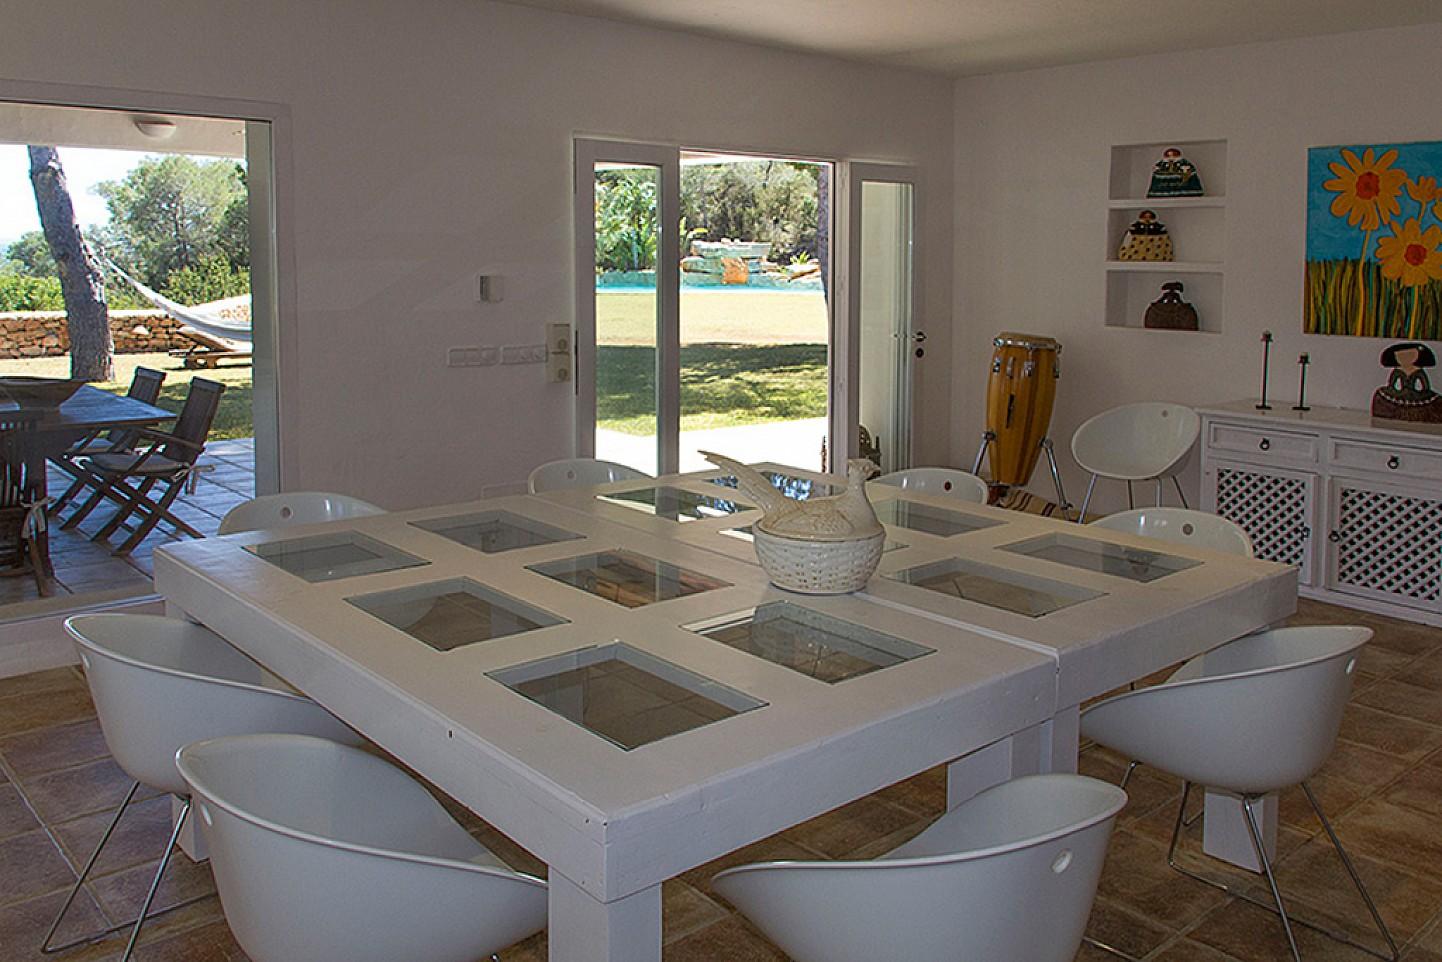 Vistes interiors del menjador amb accés al jardí